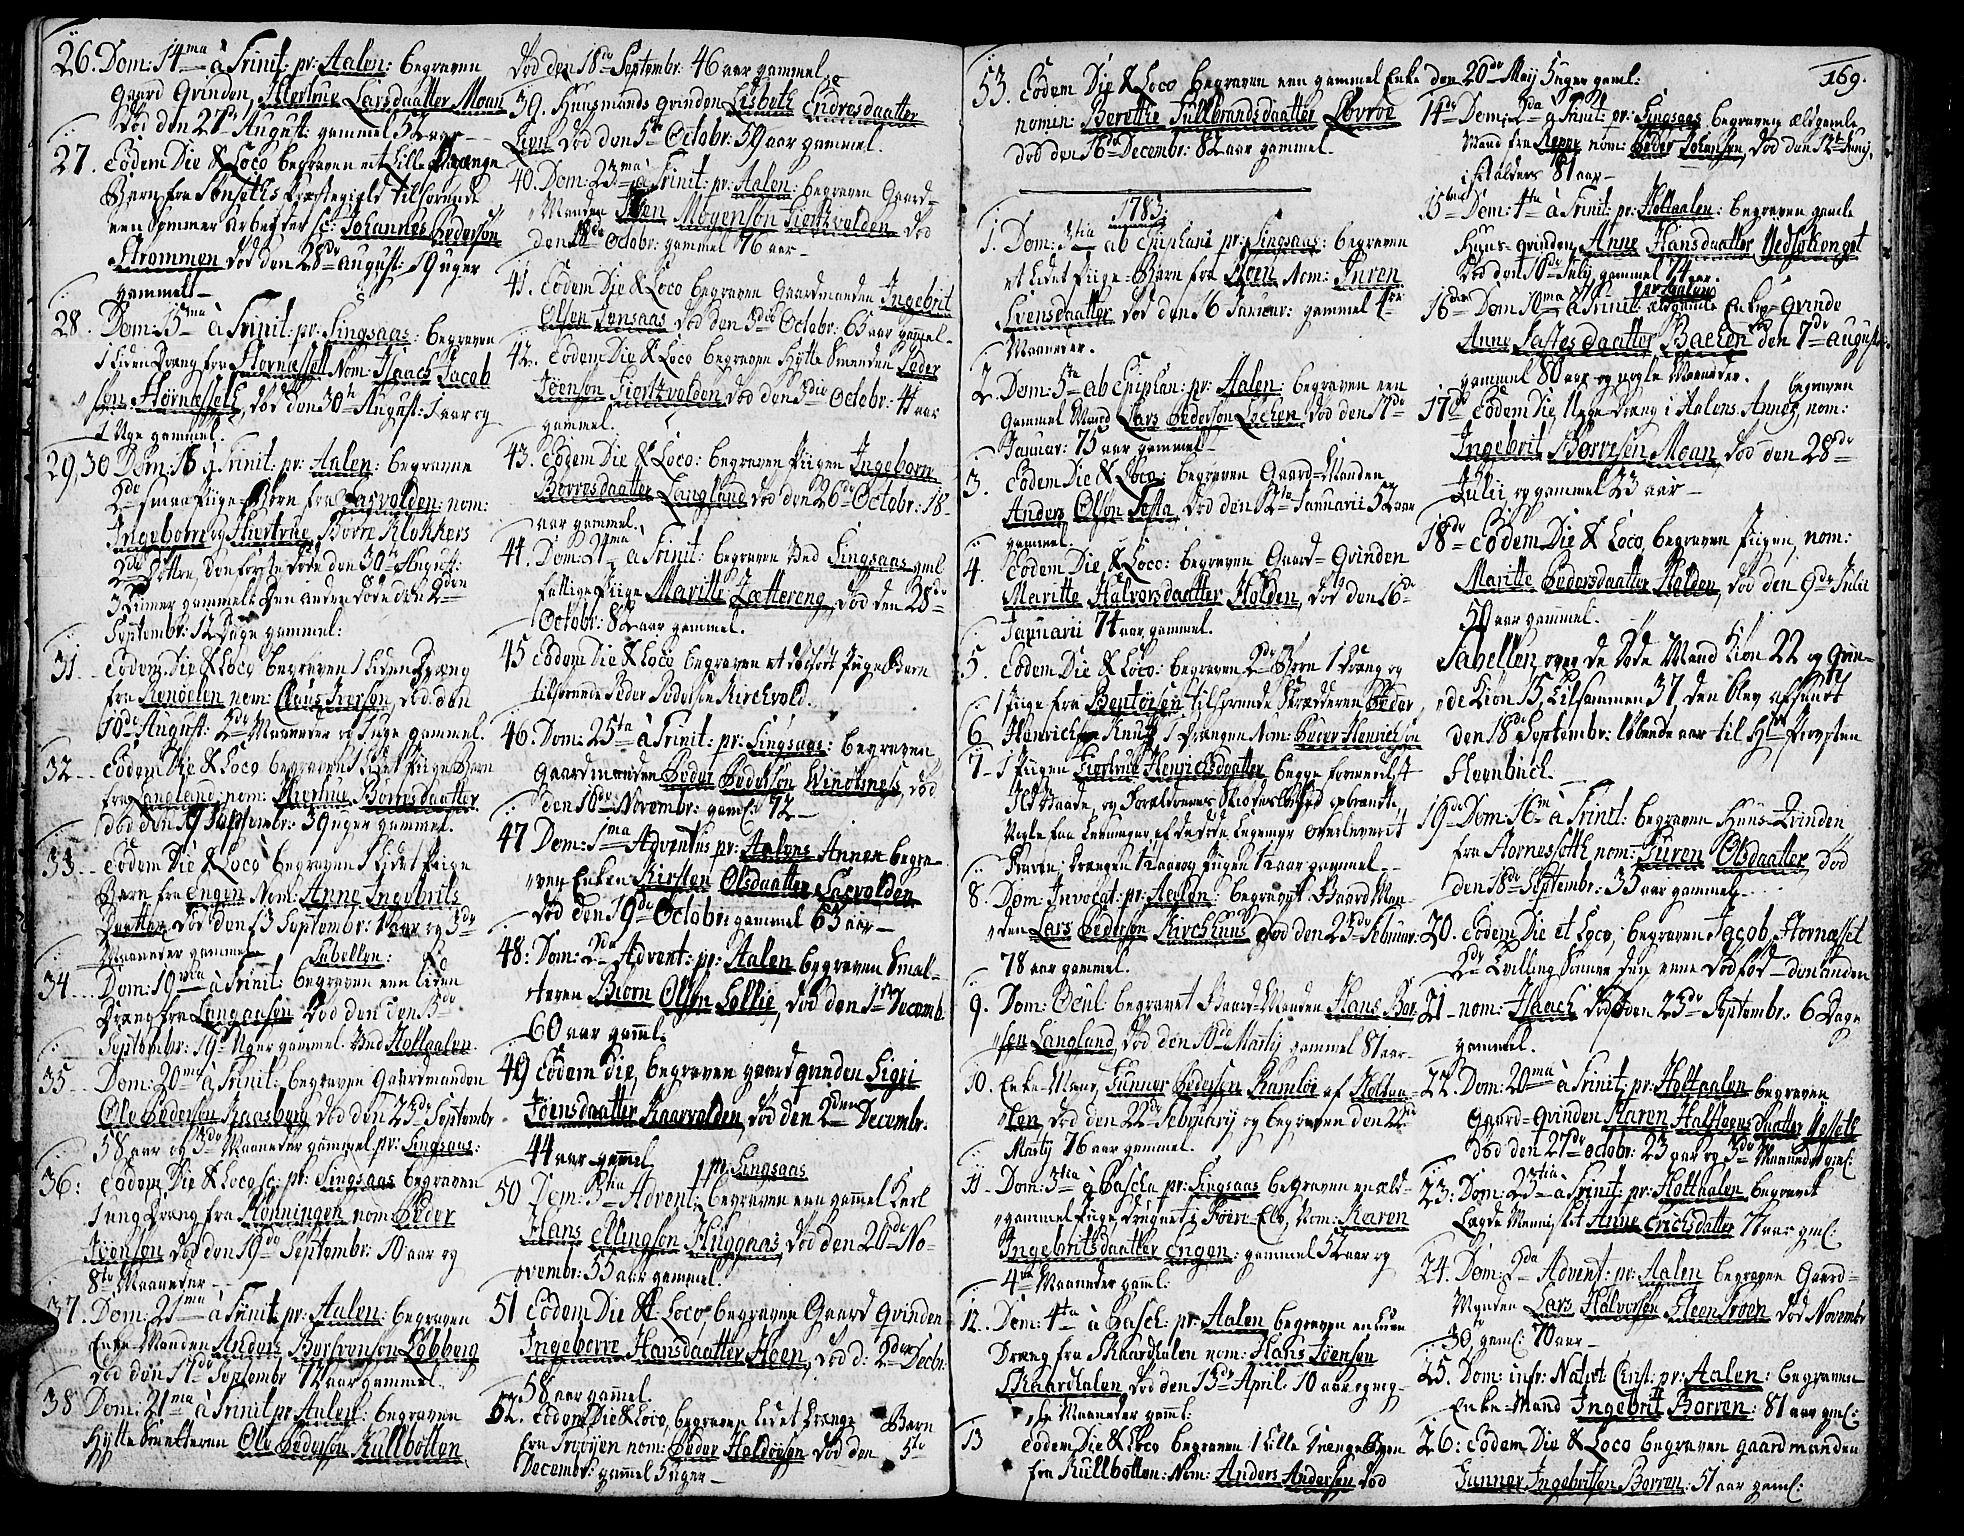 SAT, Ministerialprotokoller, klokkerbøker og fødselsregistre - Sør-Trøndelag, 685/L0952: Ministerialbok nr. 685A01, 1745-1804, s. 169